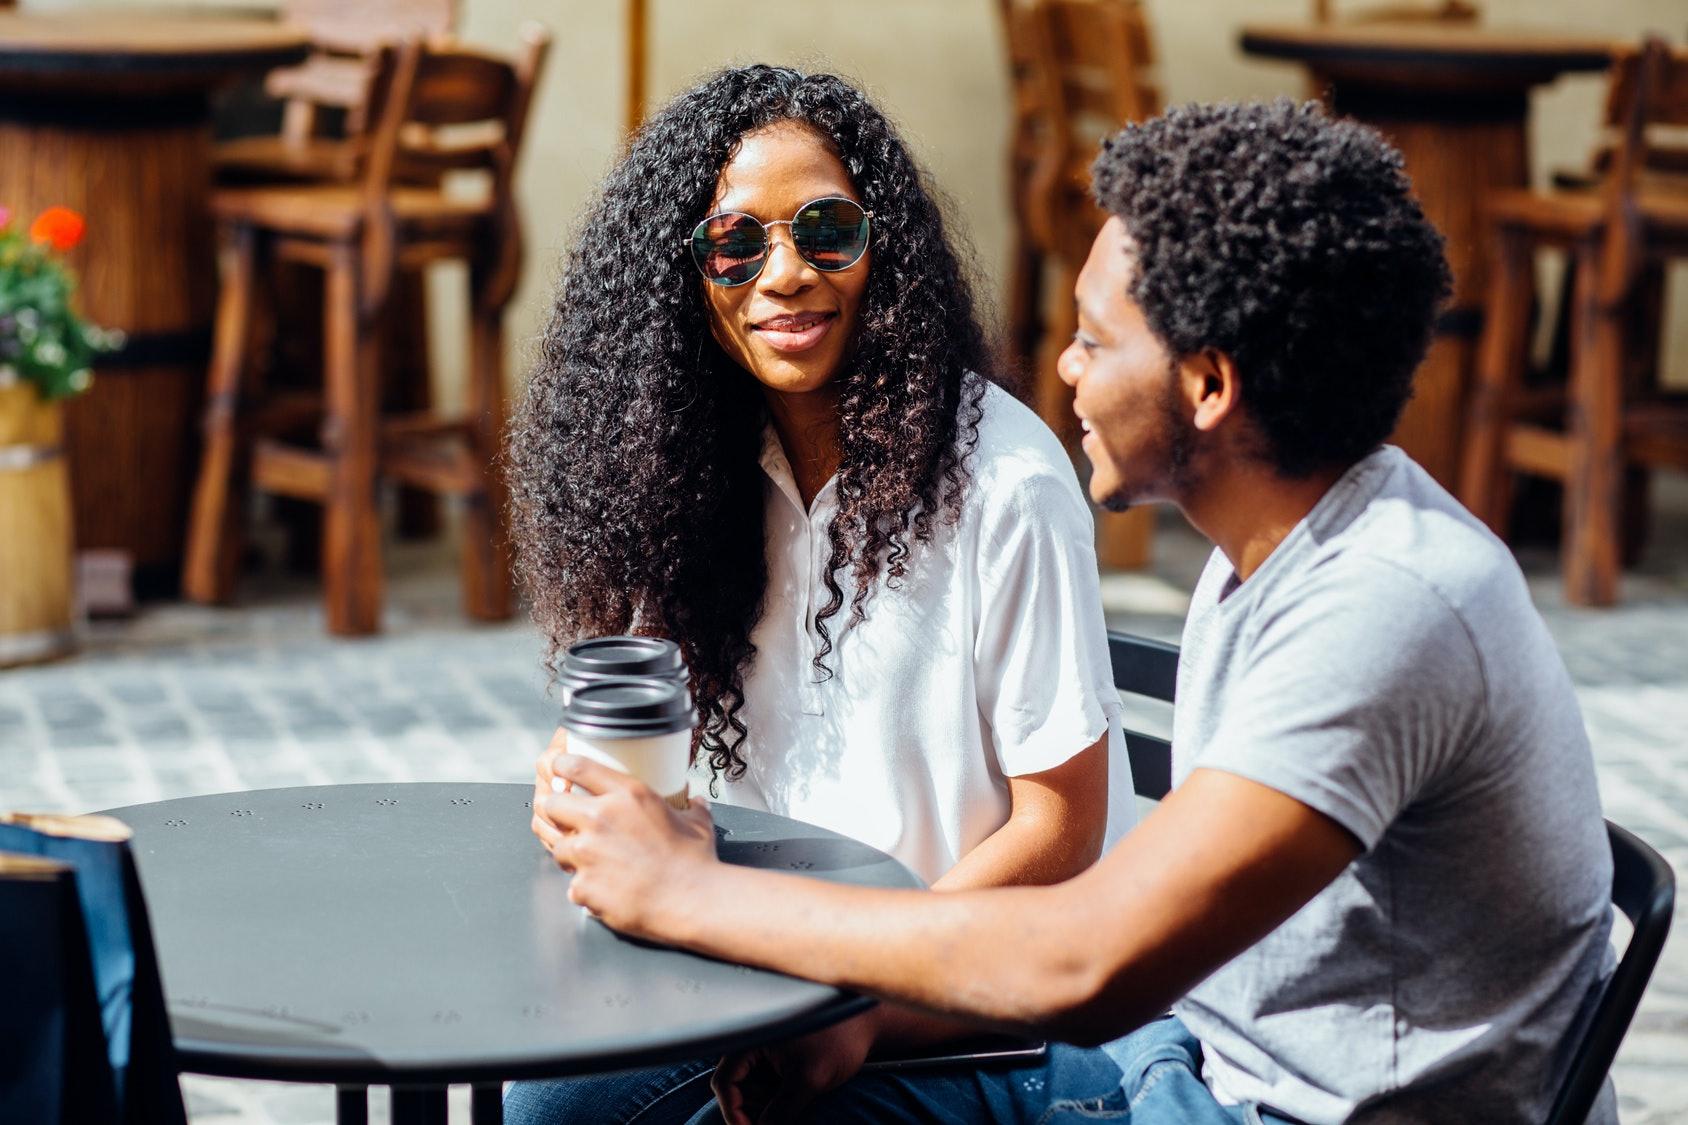 Behavior mirroring dating